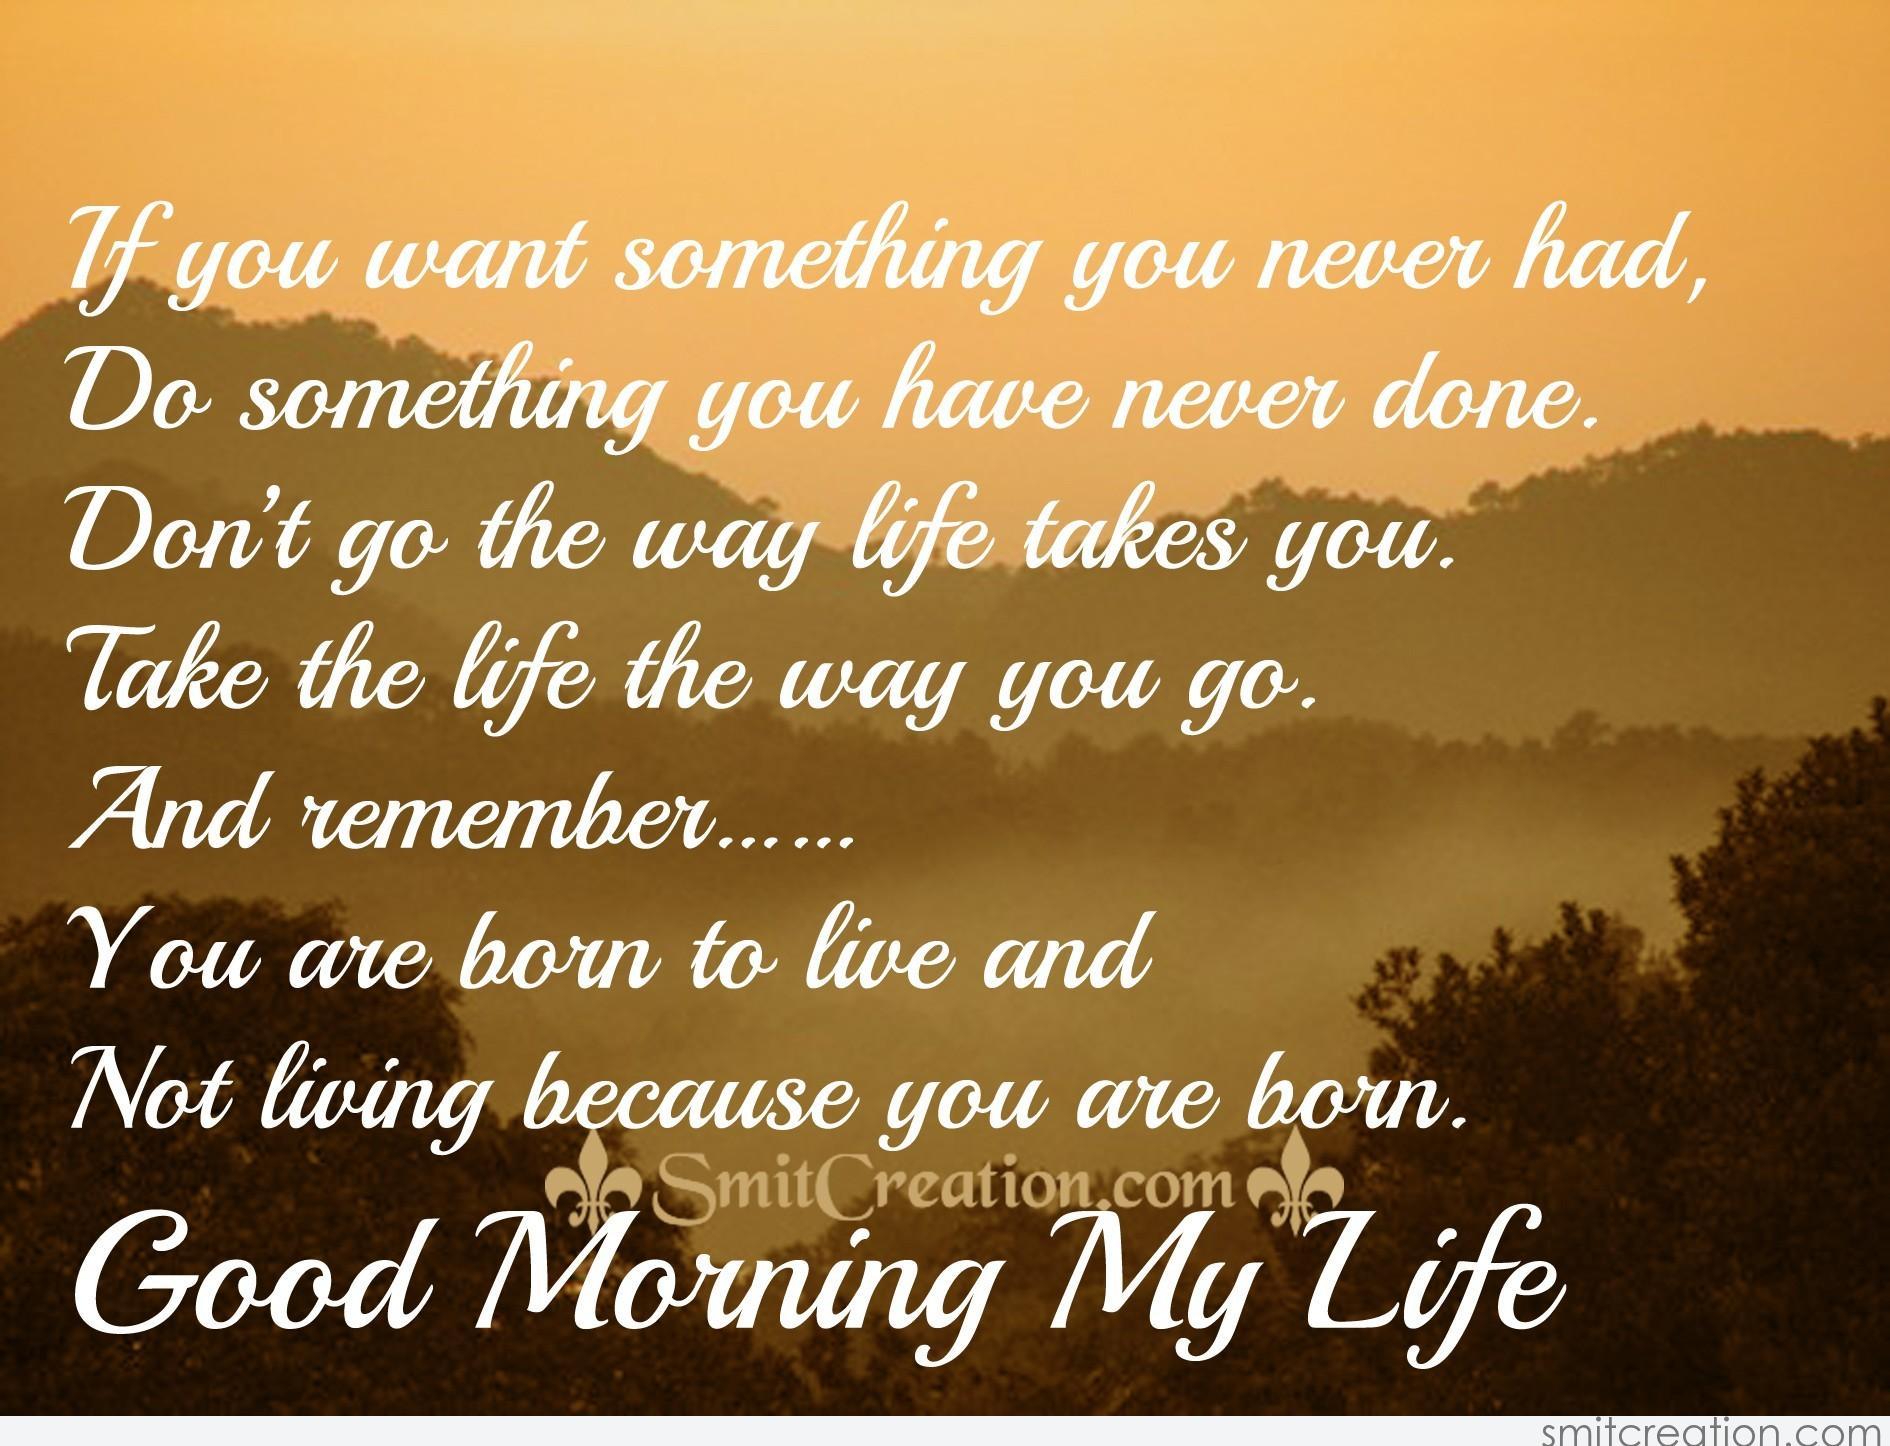 Good Morning My Life Smitcreationcom